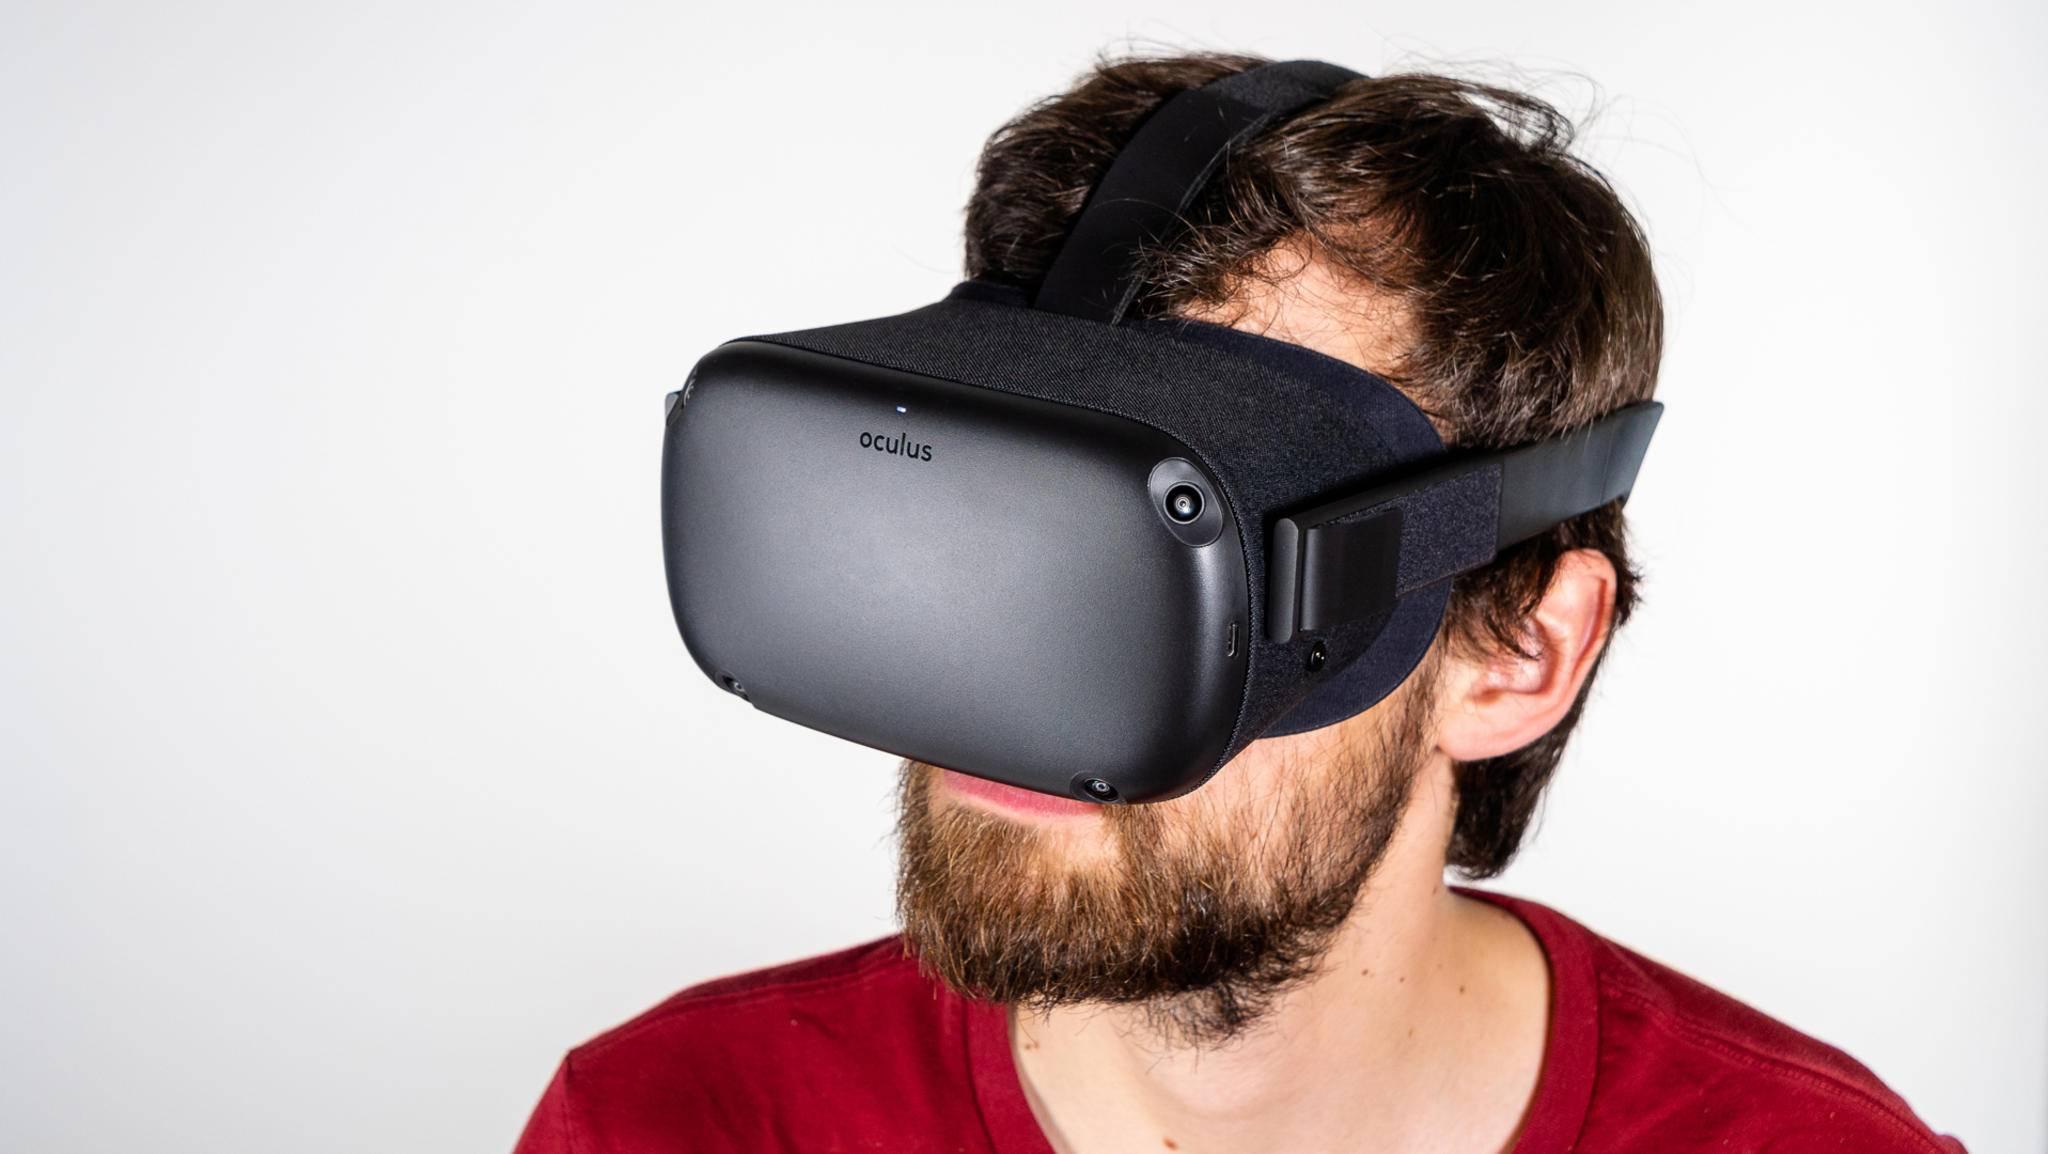 Review: Oculus Quest im Test – Ein wichtiger Schritt in Richtung VR-Zukunft